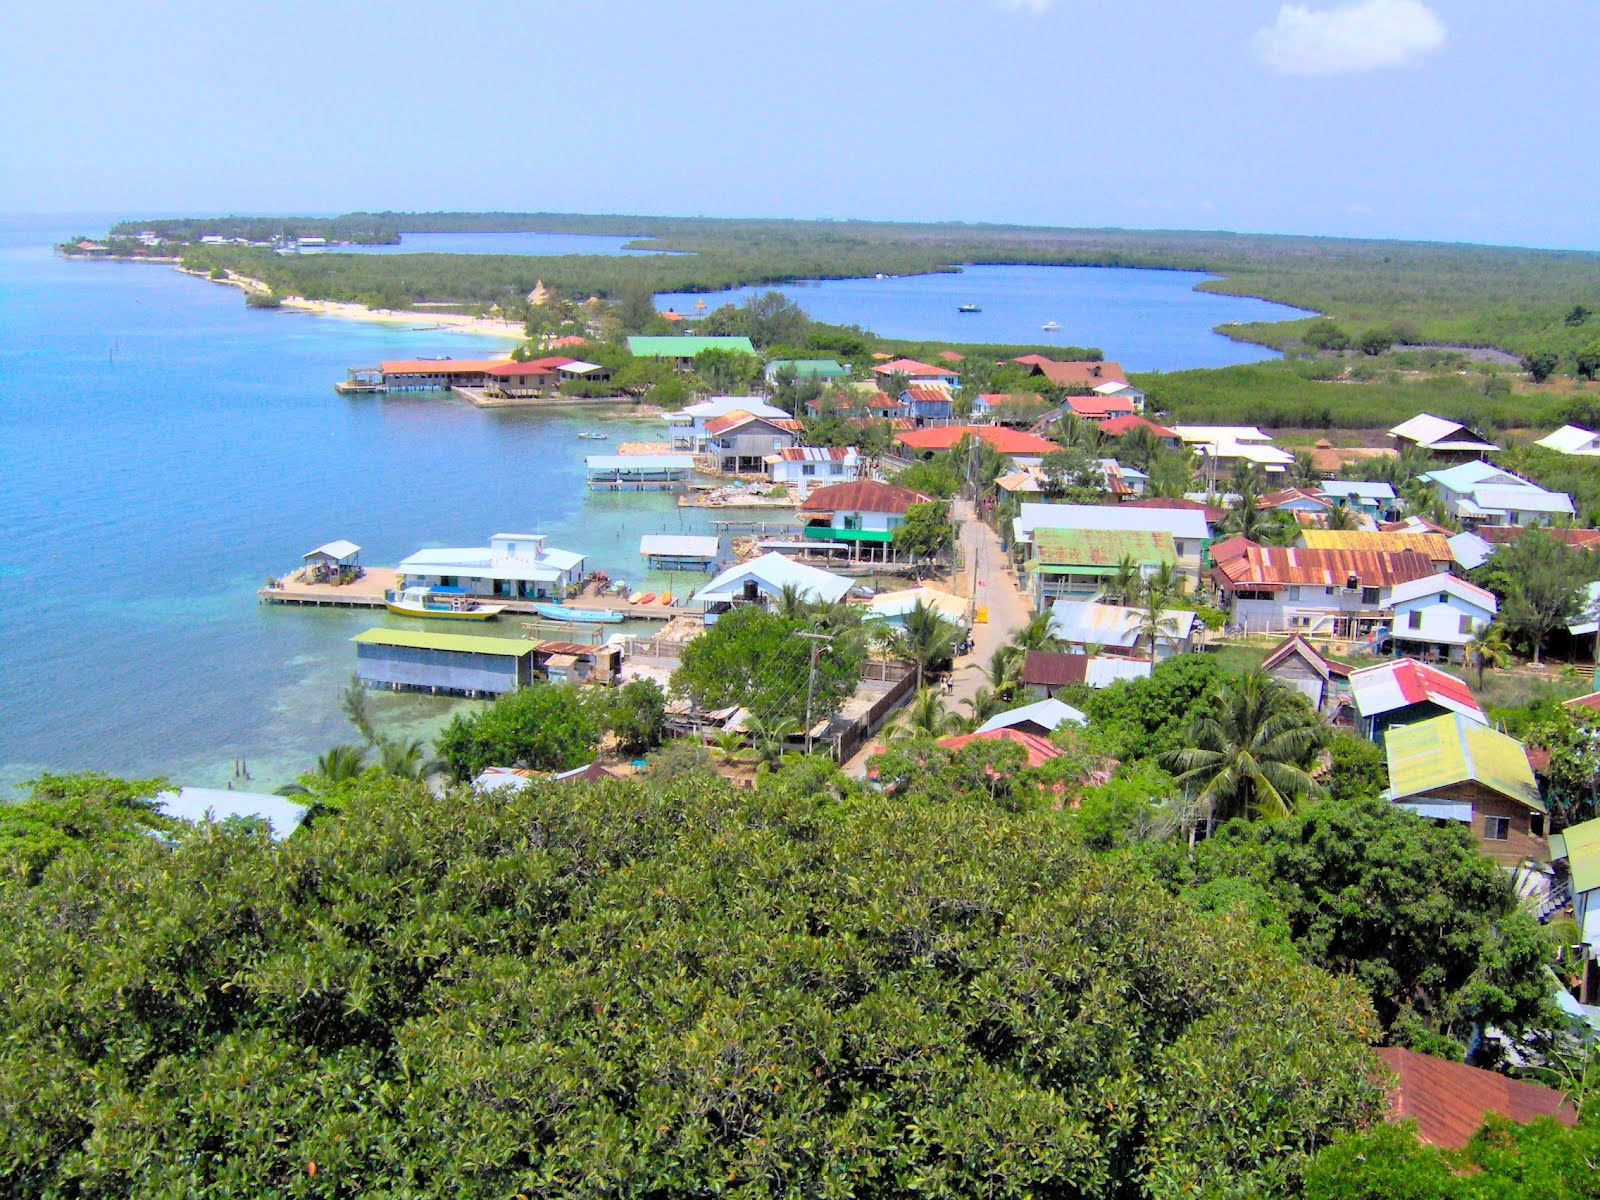 islas bahia: